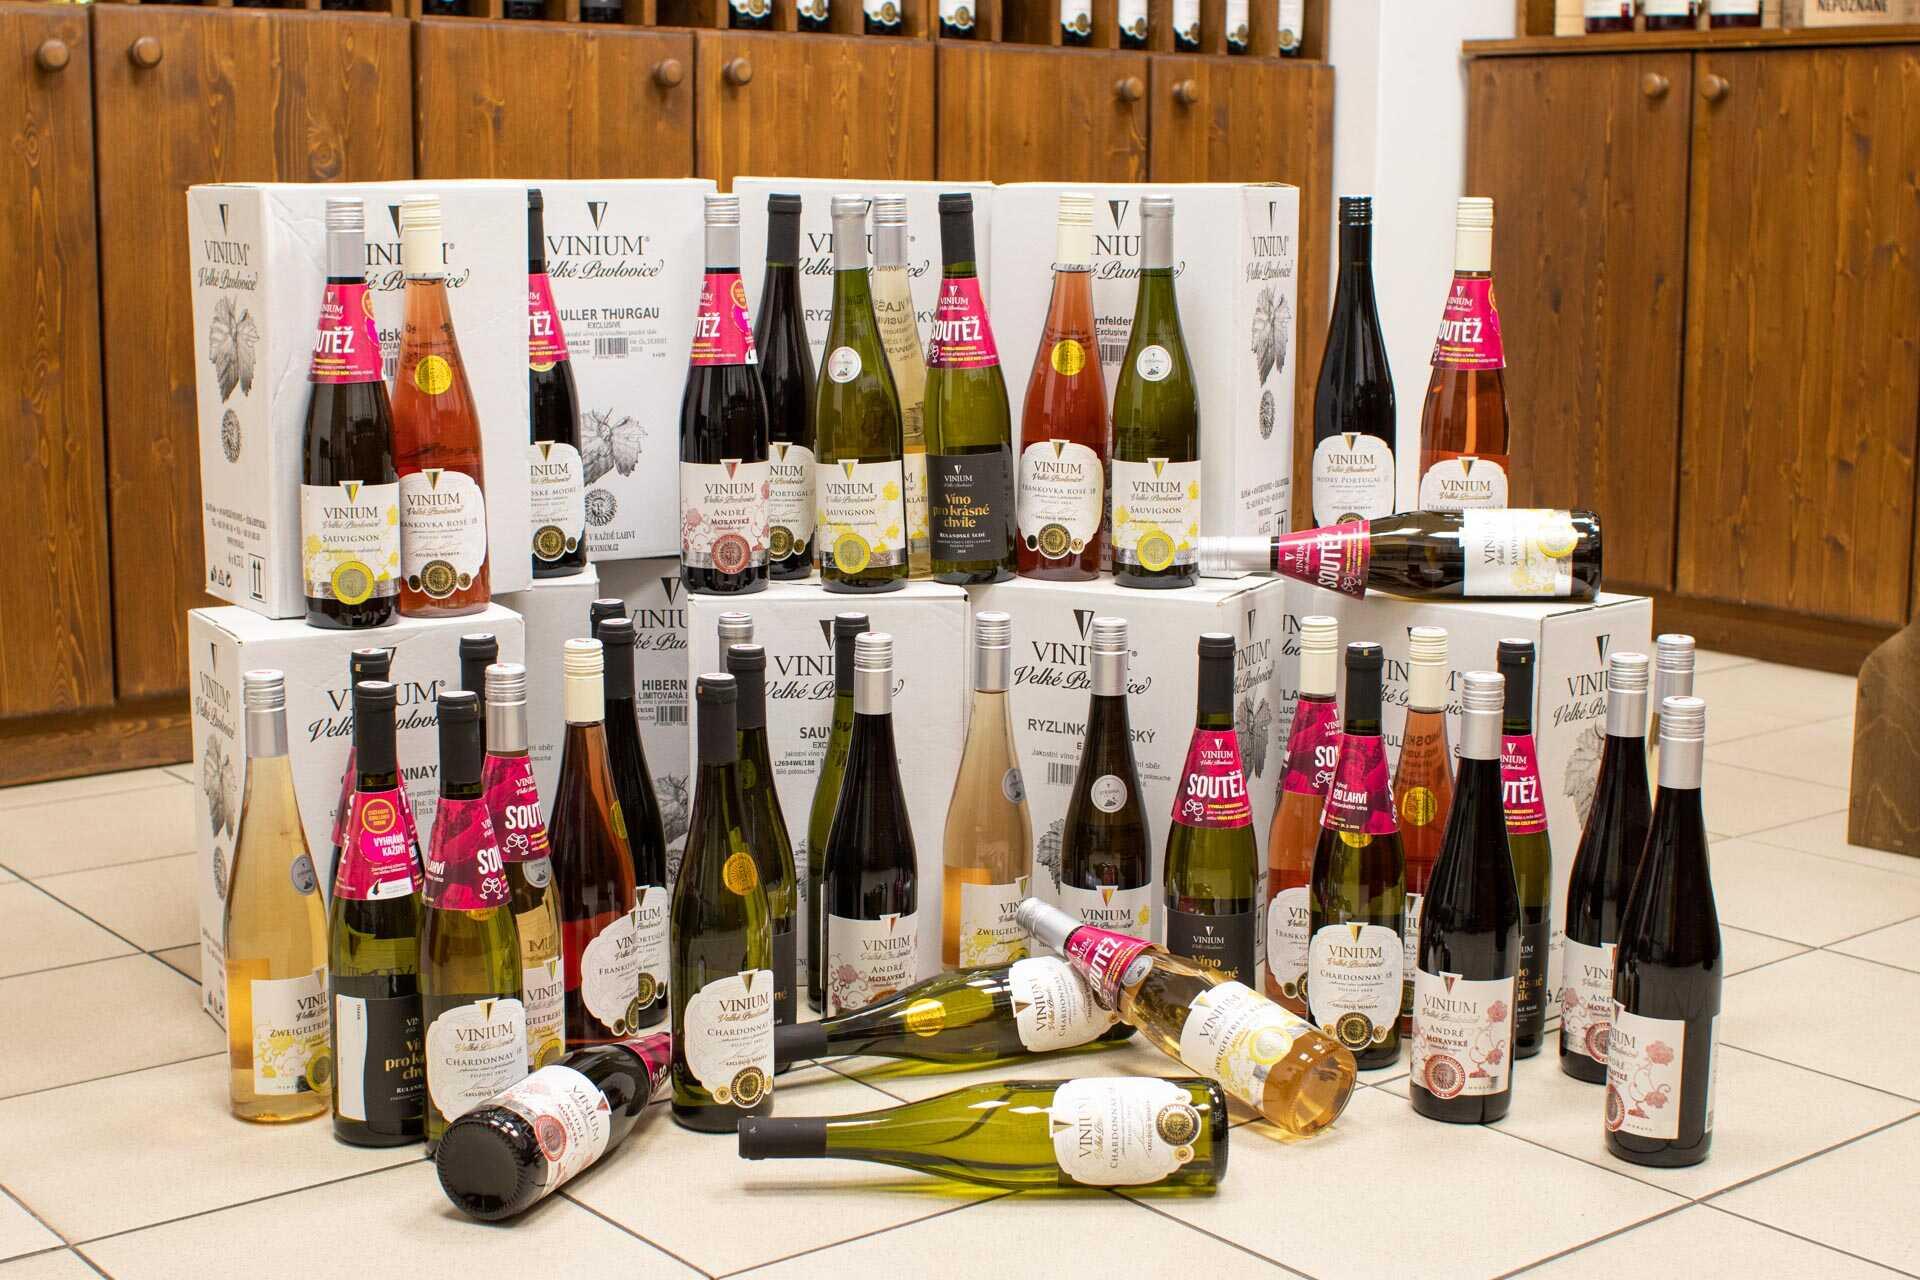 soutěž vinium, víno, výhra, velké pavlovice